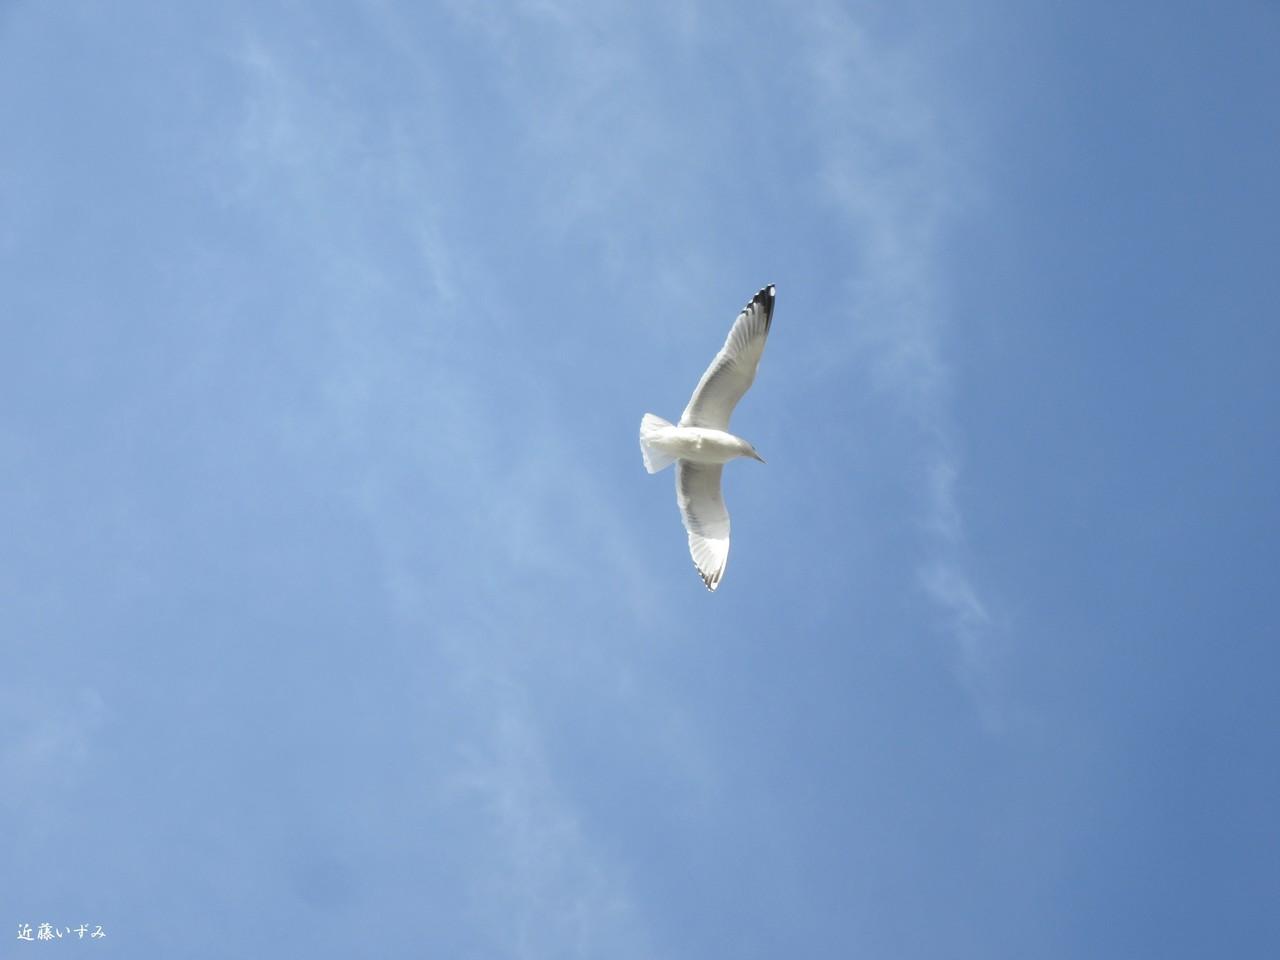 大洗の那珂湊でアンコウ料理を食べました。満腹で店を出て空を見上げたら、気持ちよさそうに飛んでいたので撮りました。